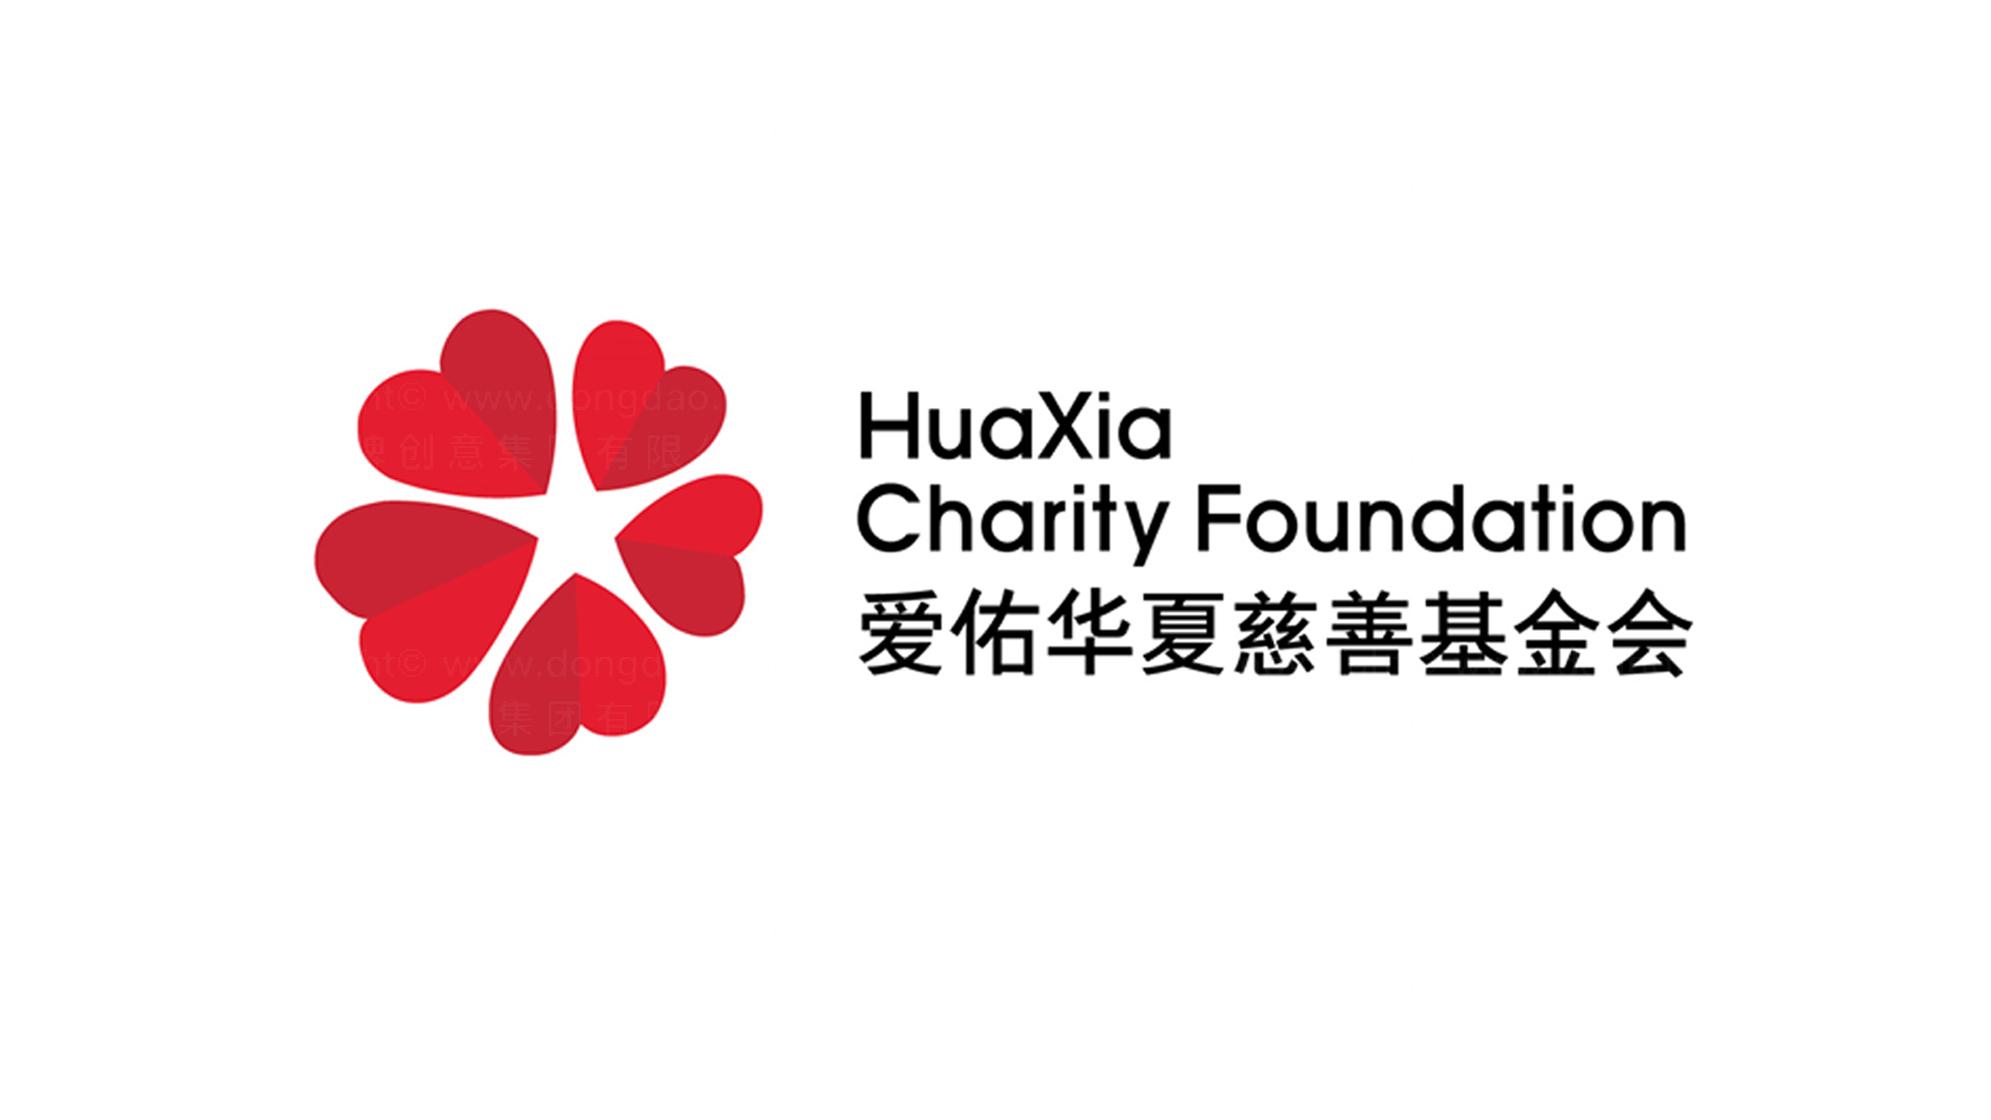 其他品牌设计爱佑华夏慈善基金VI设计